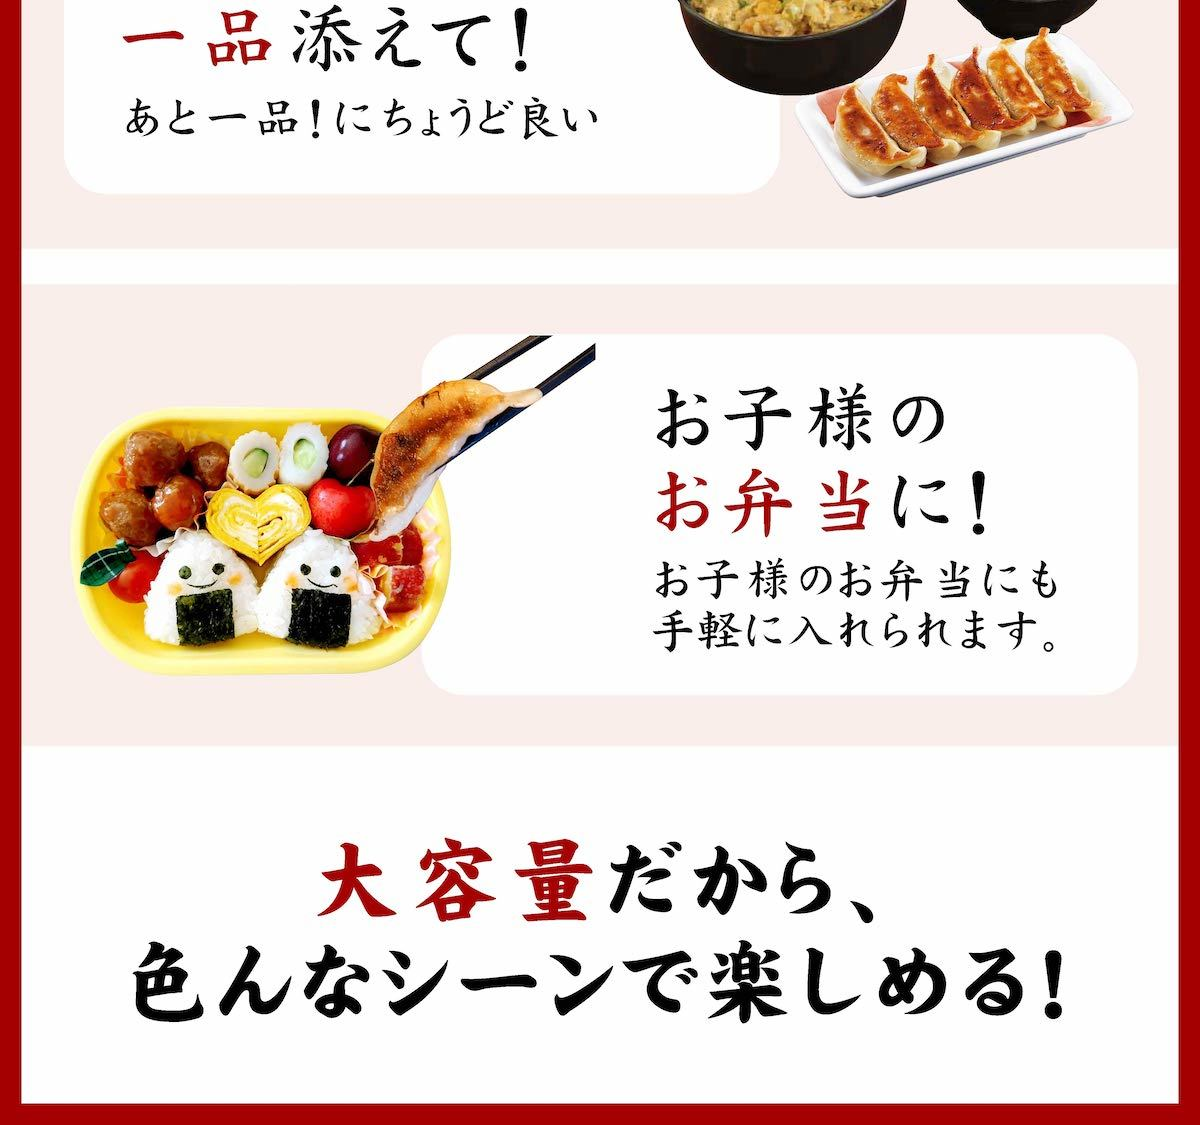 餃子は手間いらずで簡単調理_02